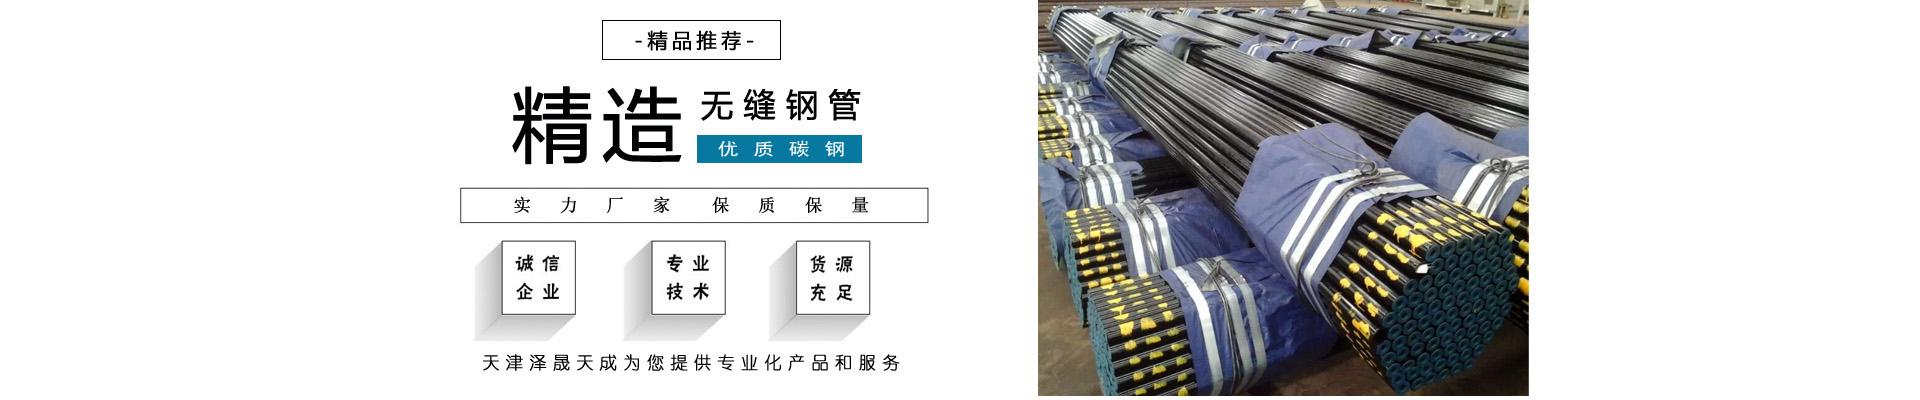 天津泽晟天成钢铁销售有限公司